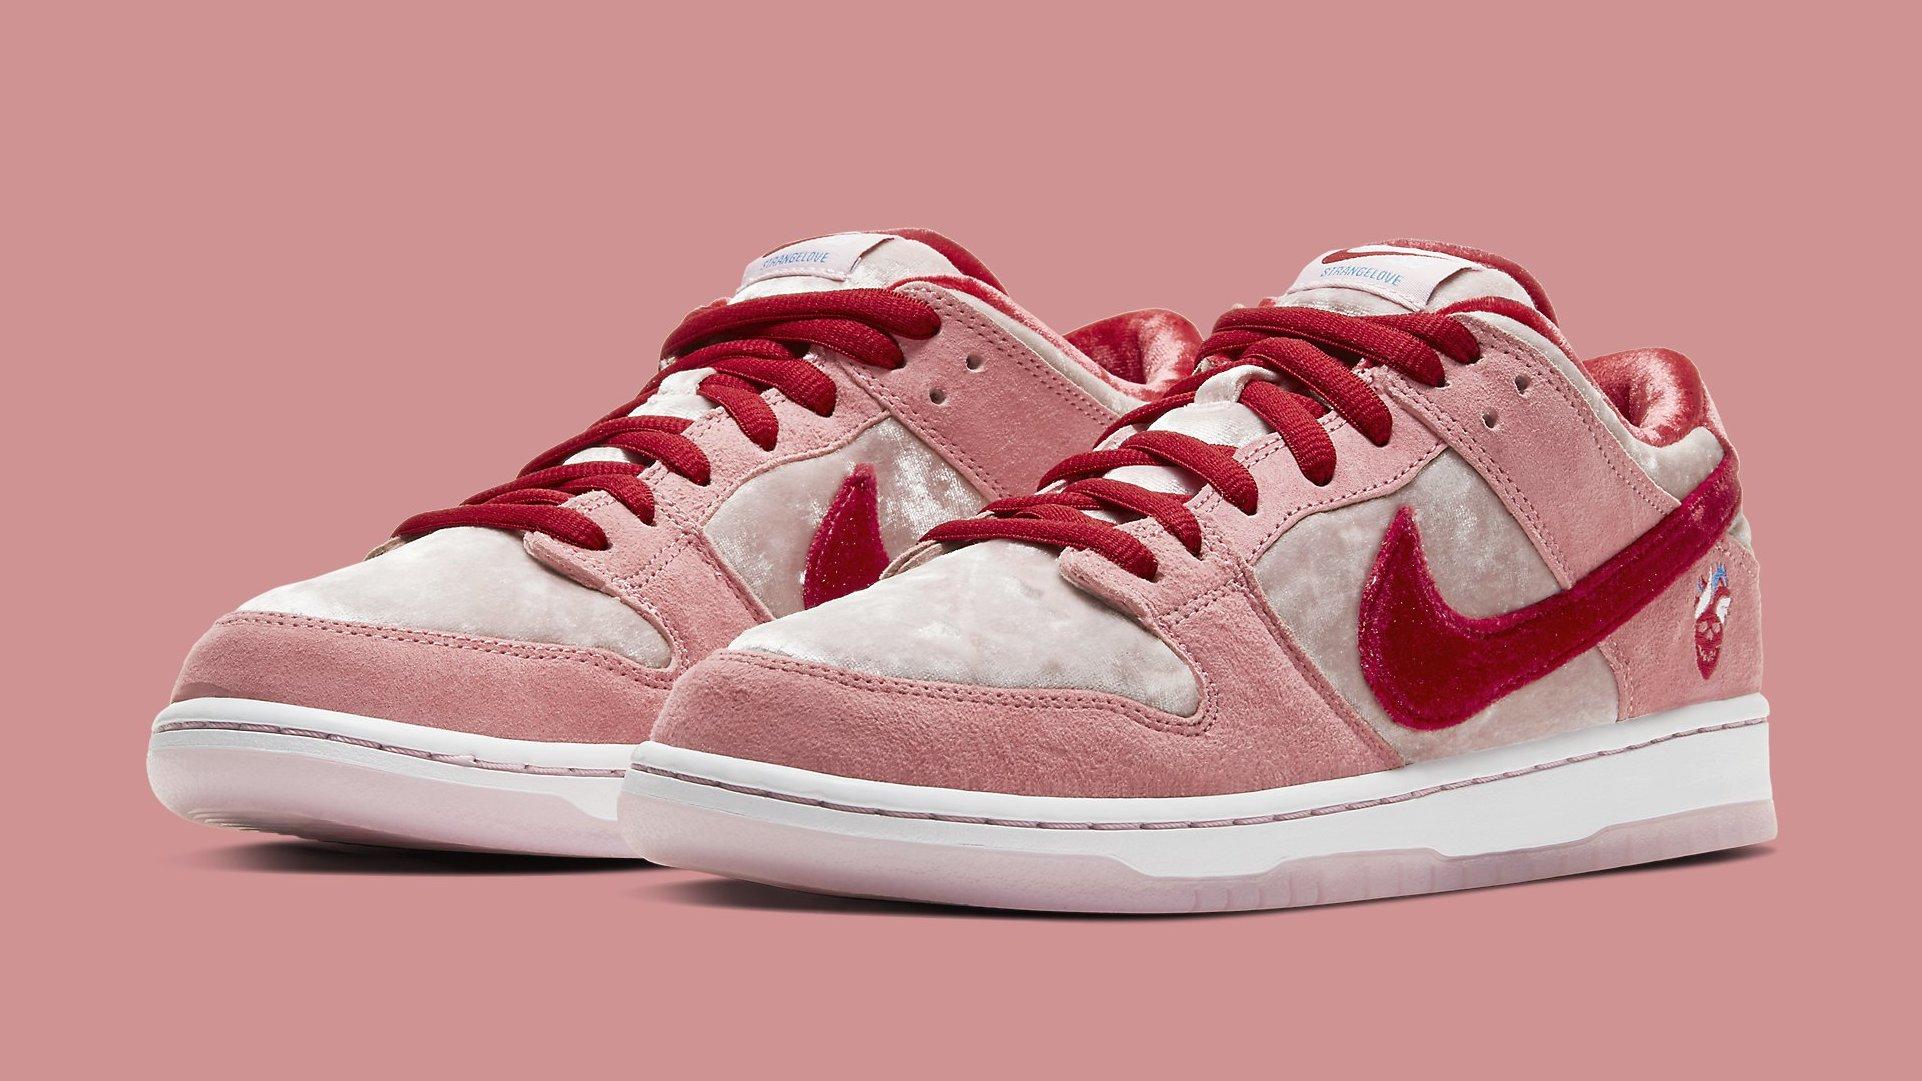 StrangeLove Nike SB Dunk Low Valentine's Day CT2552-800 ...